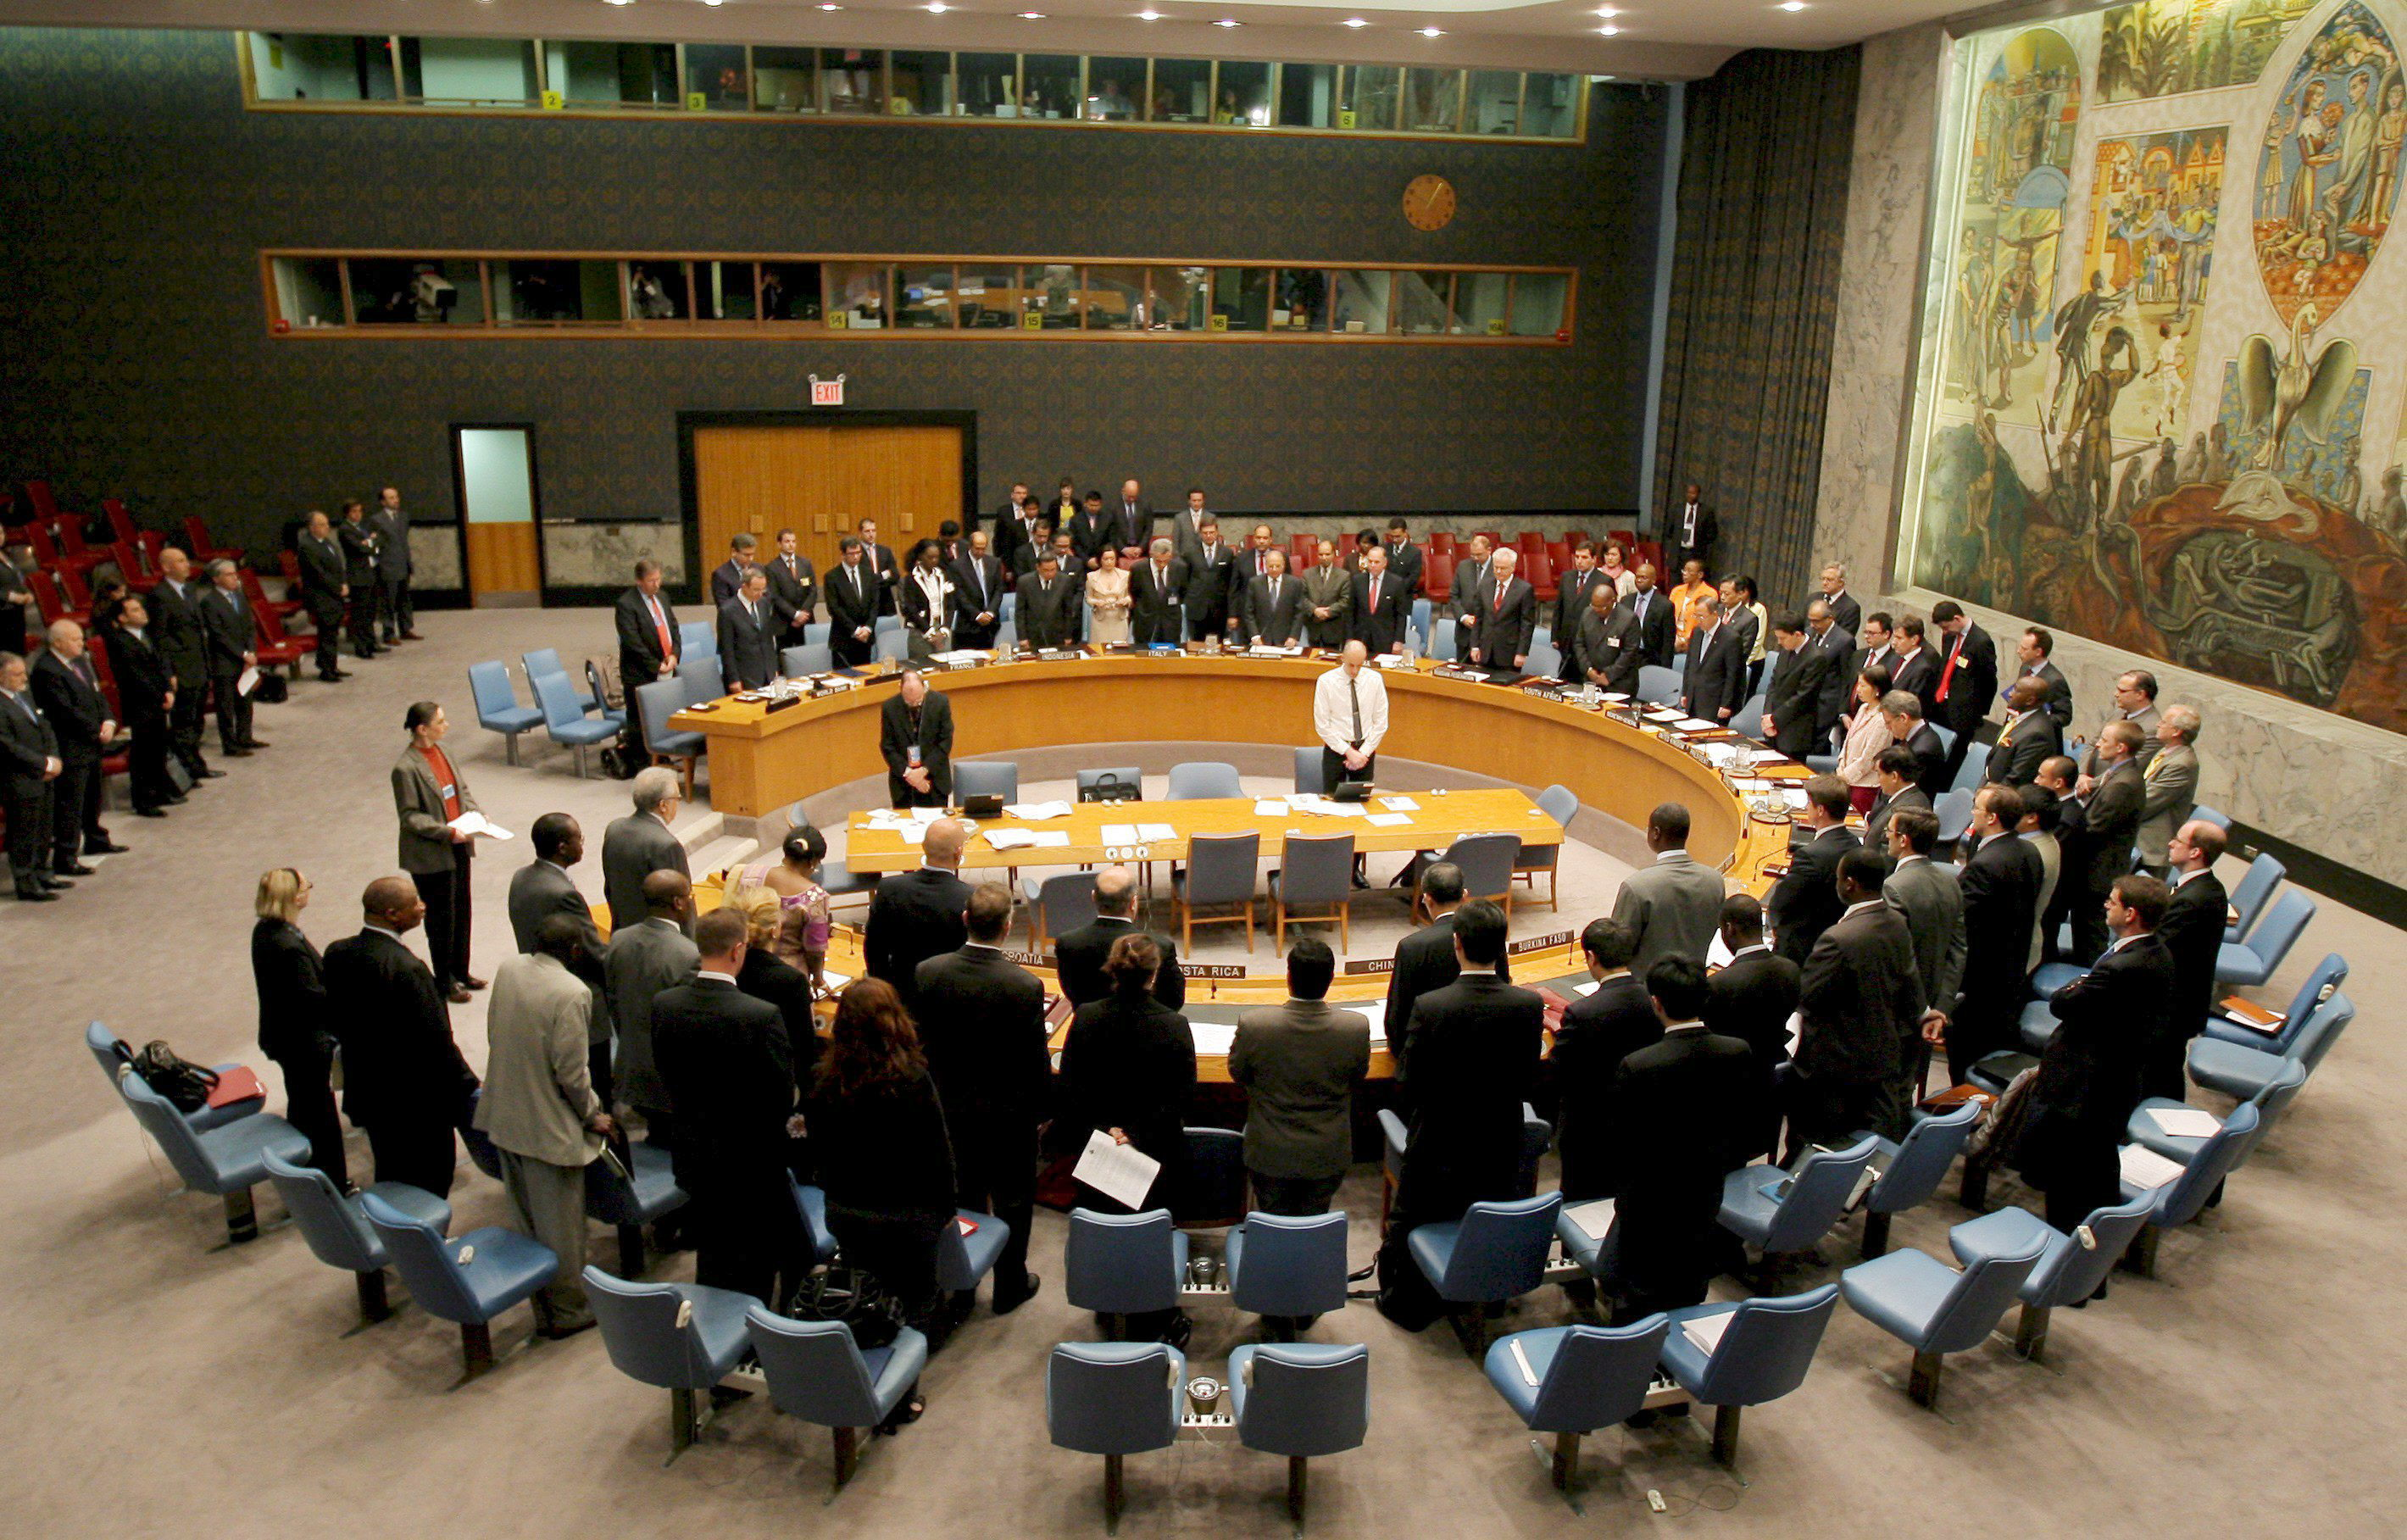 Concluye sin avances la reunión de los cinco permanentes de Consejo de Seguridad